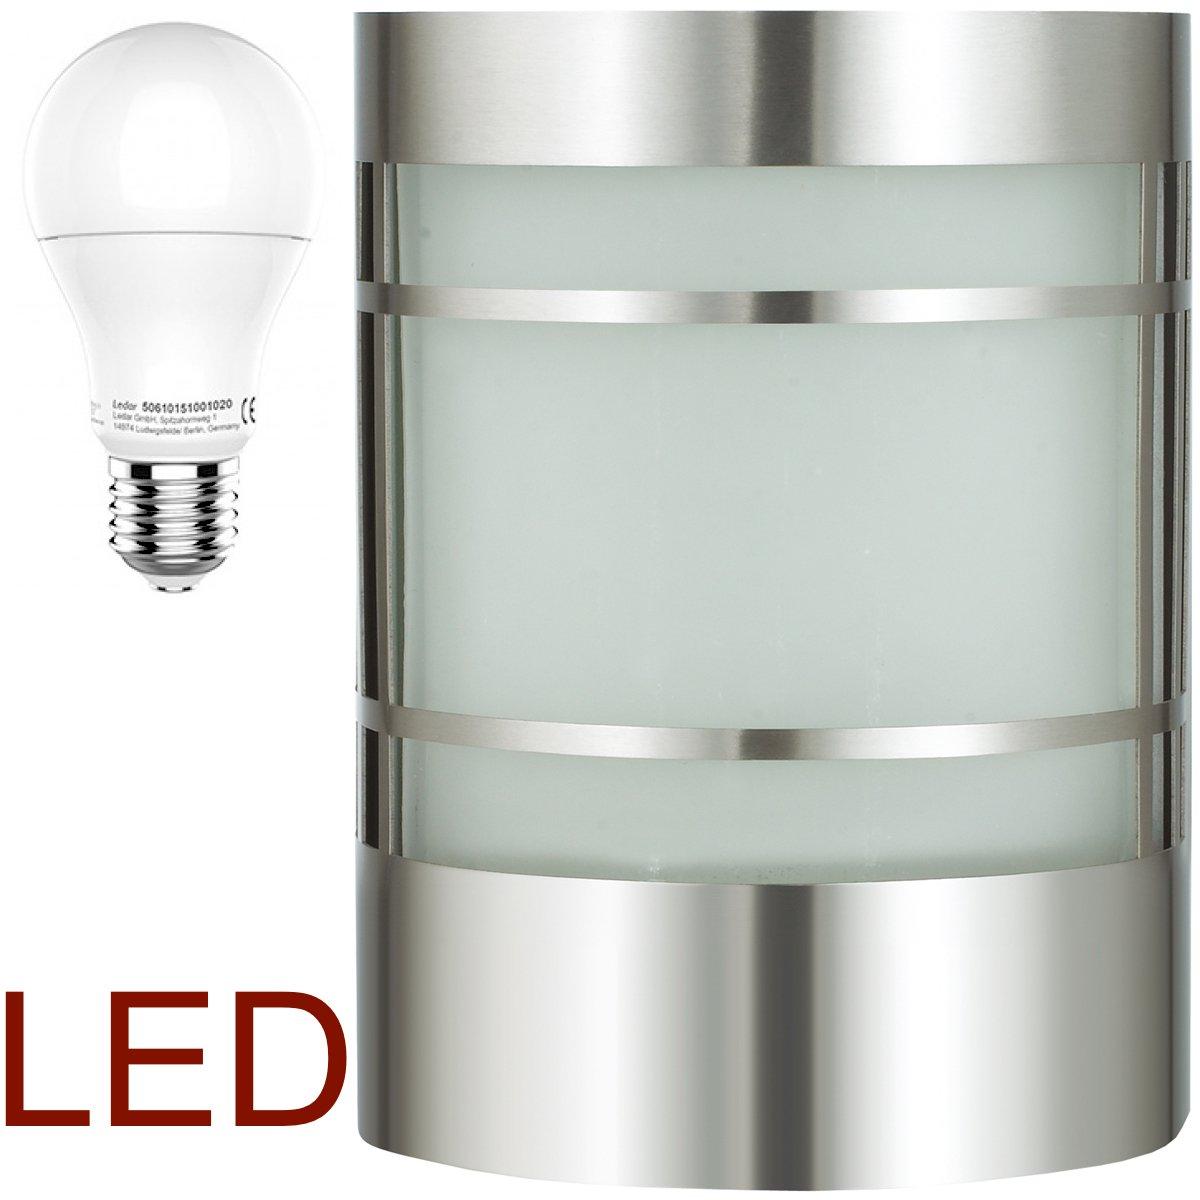 LED Wand-Außenleuchte mit & LED Leuchtmittel - Edelstahl Außenlampe Hoflampe Gartenlampe Gartenleuchte [Energieklasse A+] DBLV 12906